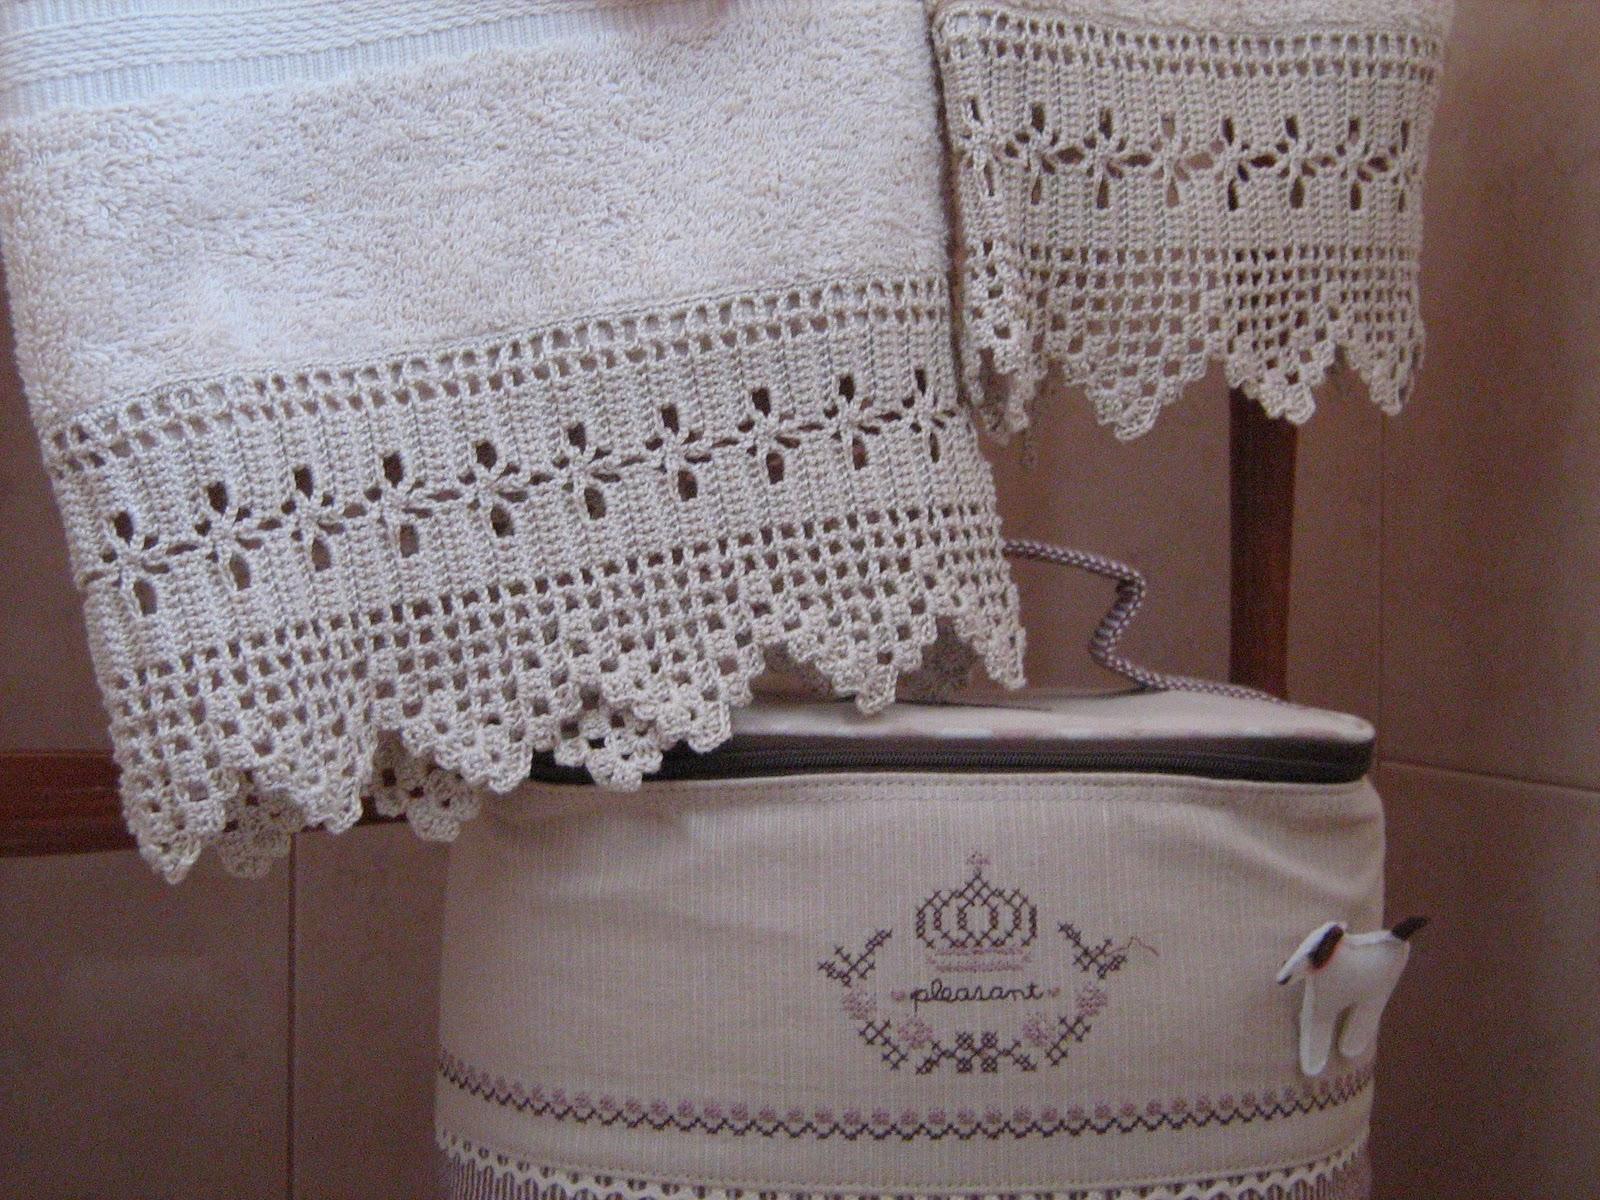 Semplicemente ketti asciugamani con bordure for Schemi bordure uncinetto per lenzuola